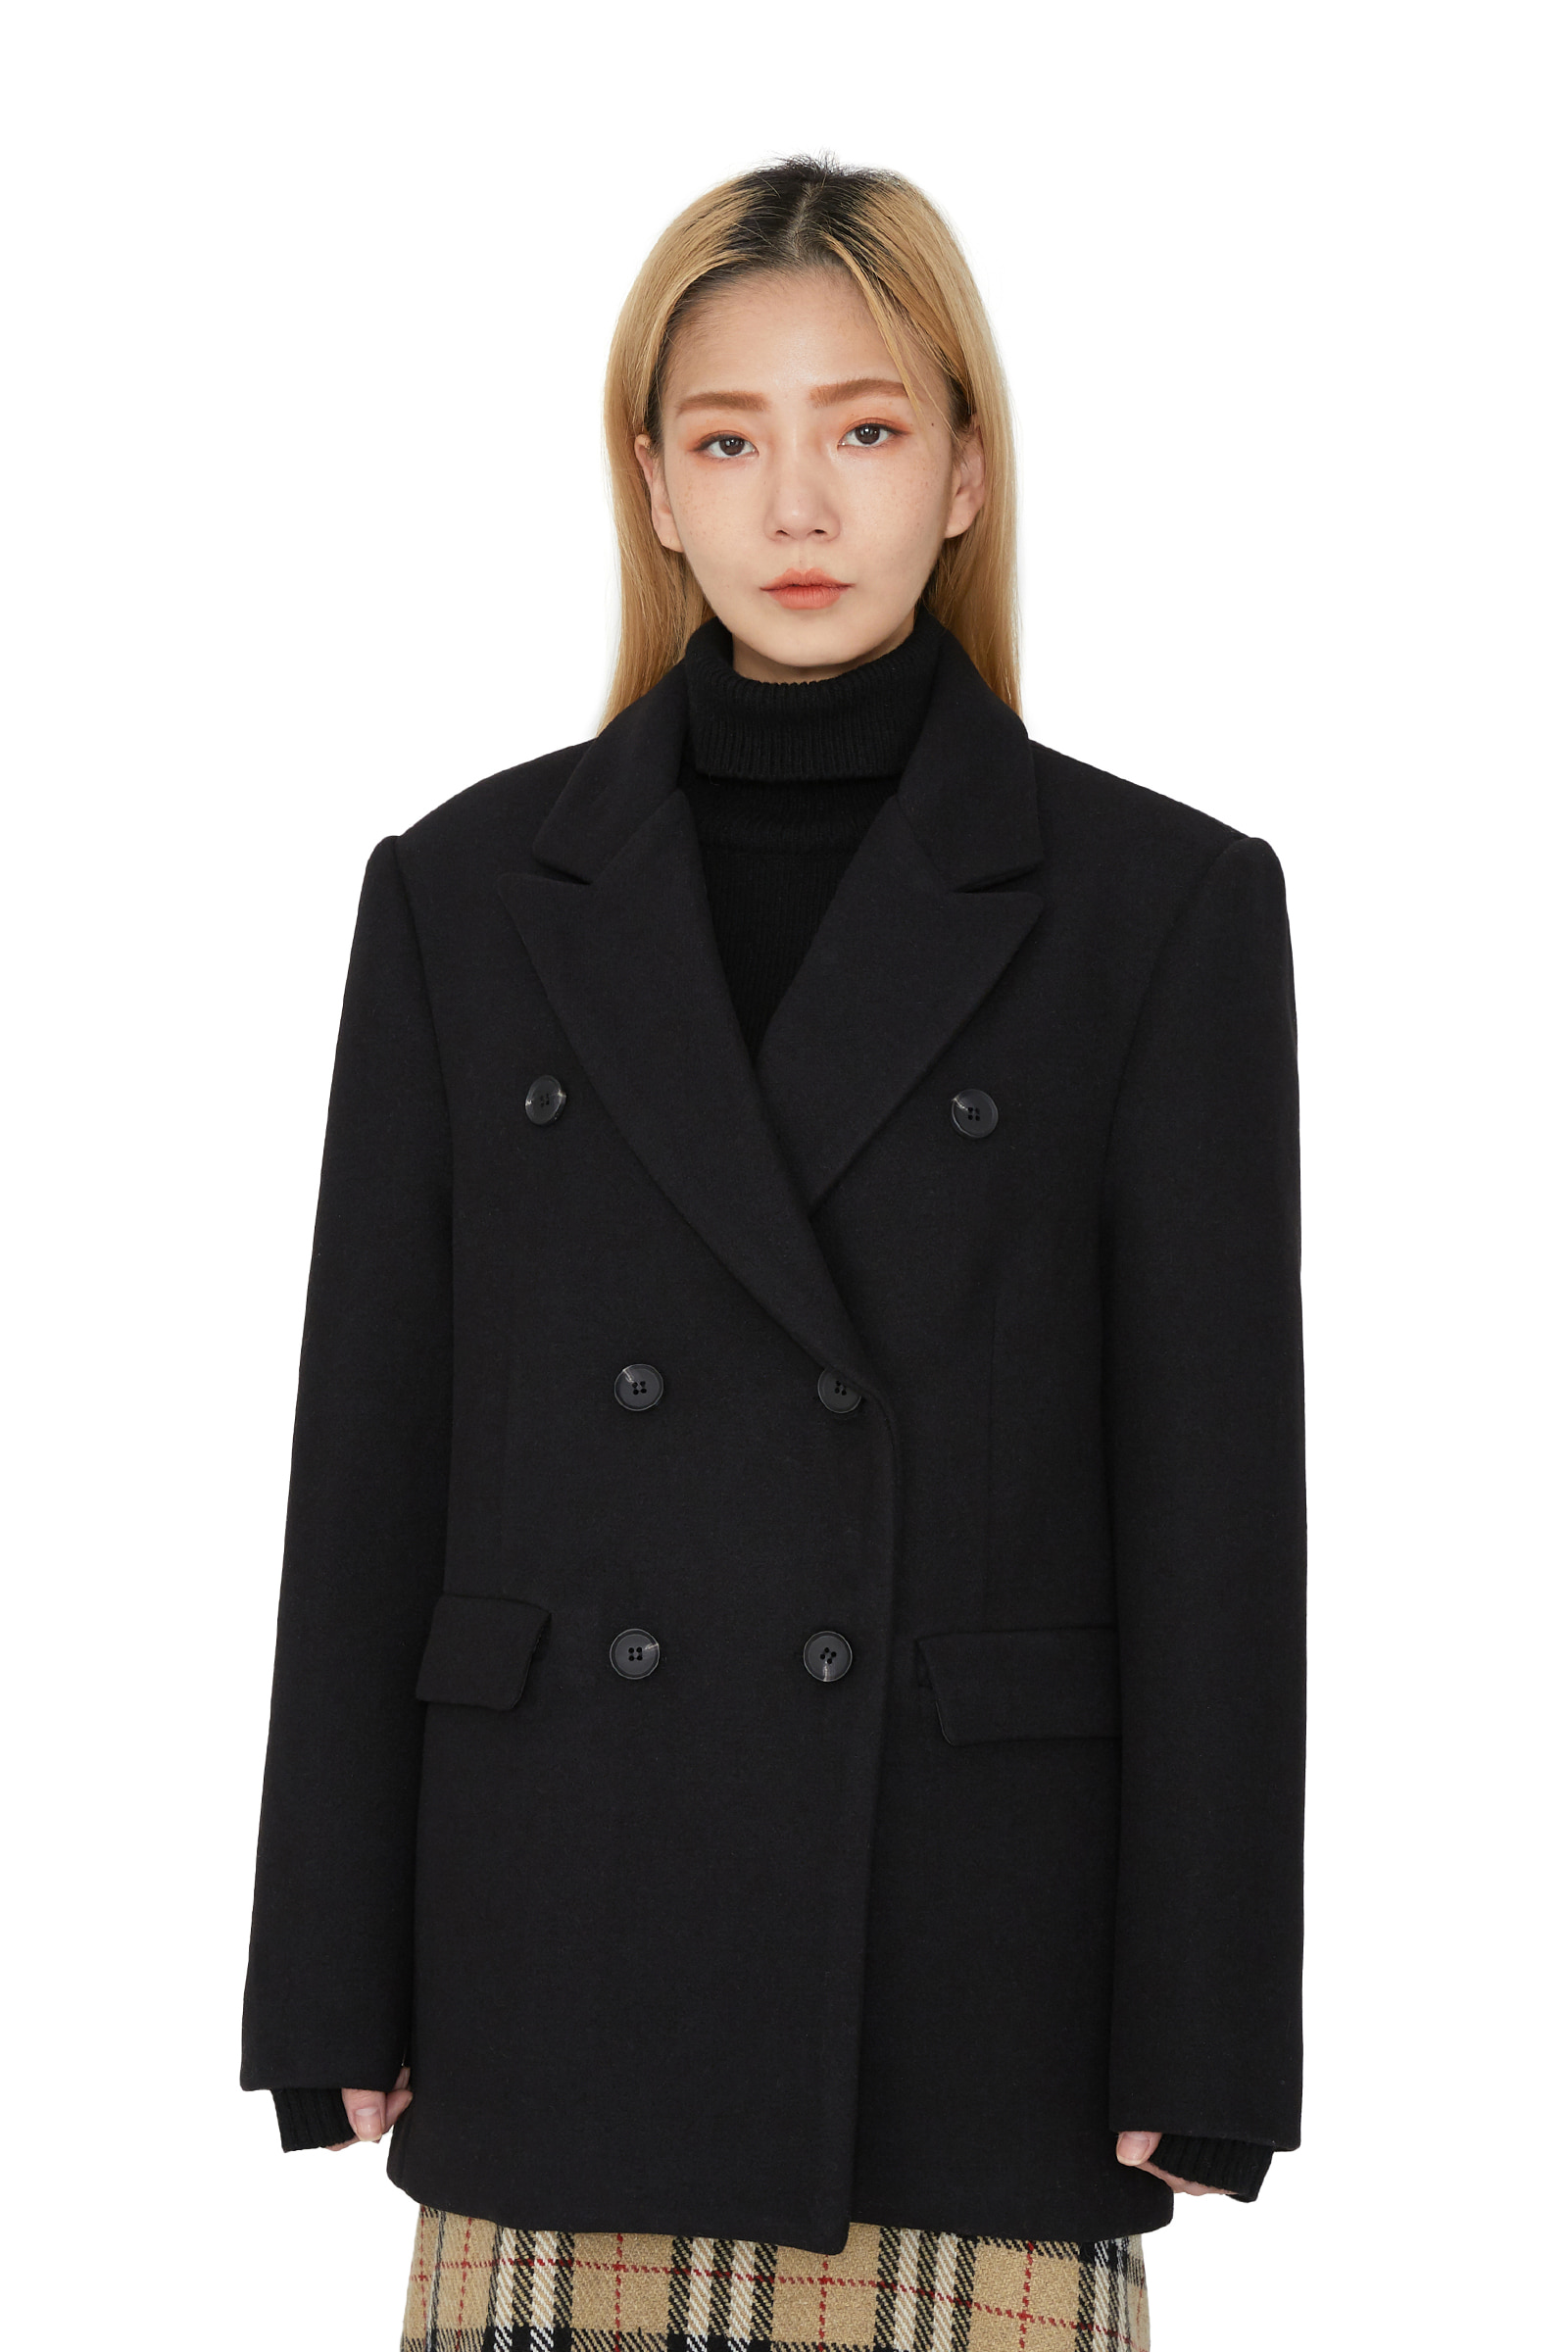 Scrap double wool half coat